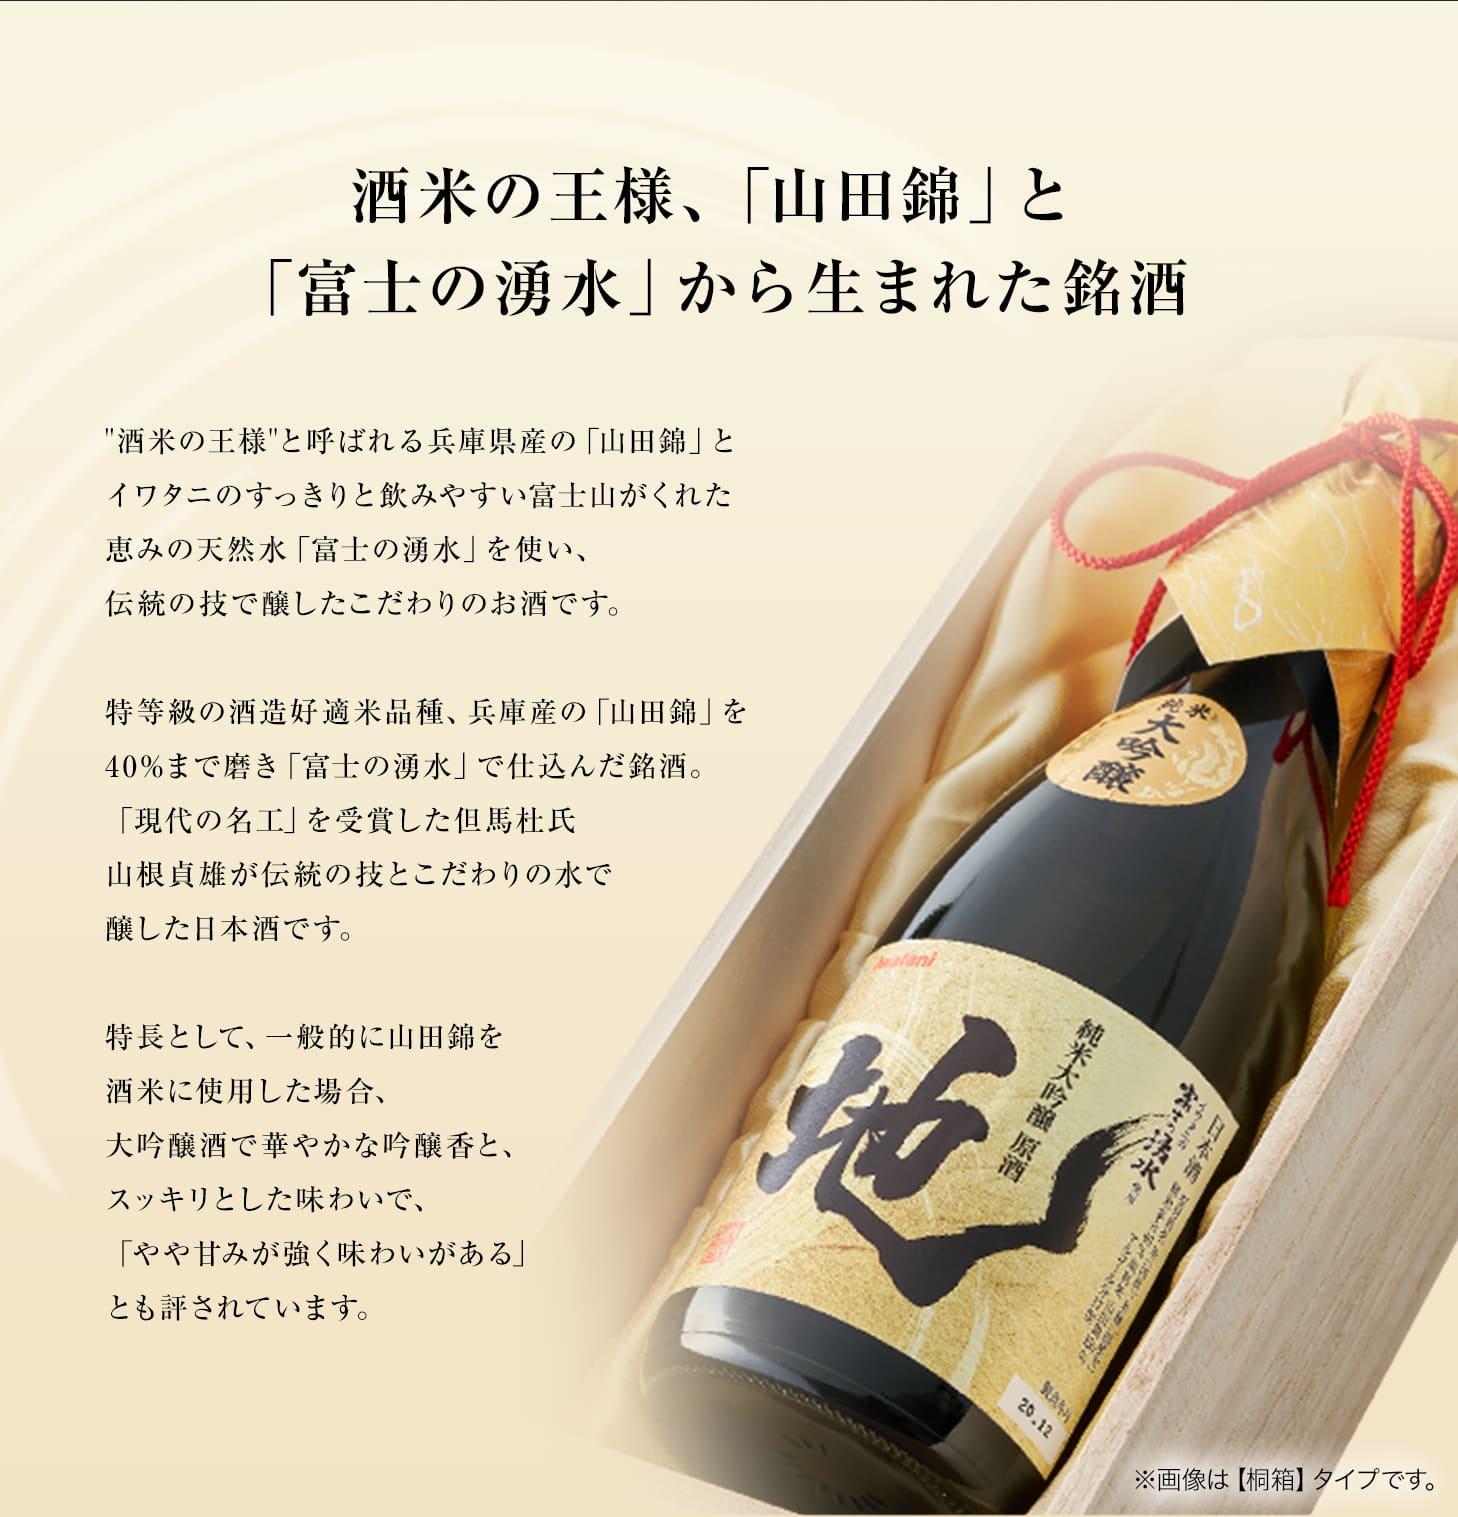 酒米の王様「山田錦」と「富士の湧水」から生まれた銘酒